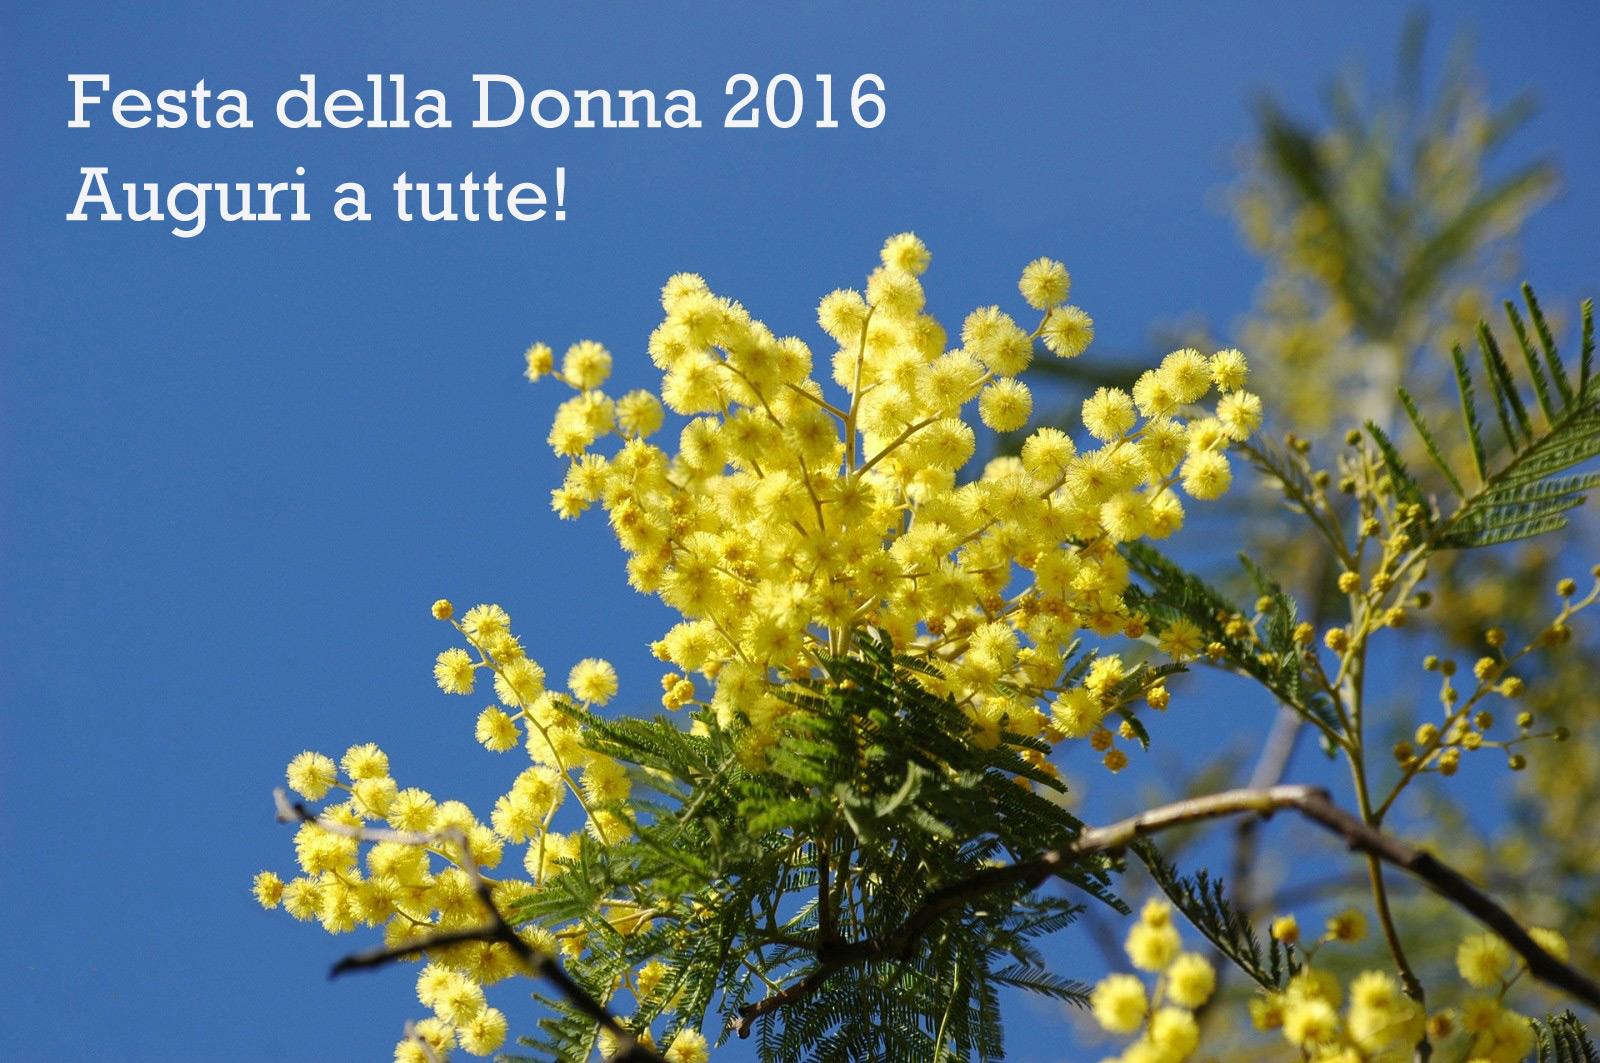 Festa Della Donna 2016 Video Divertenti